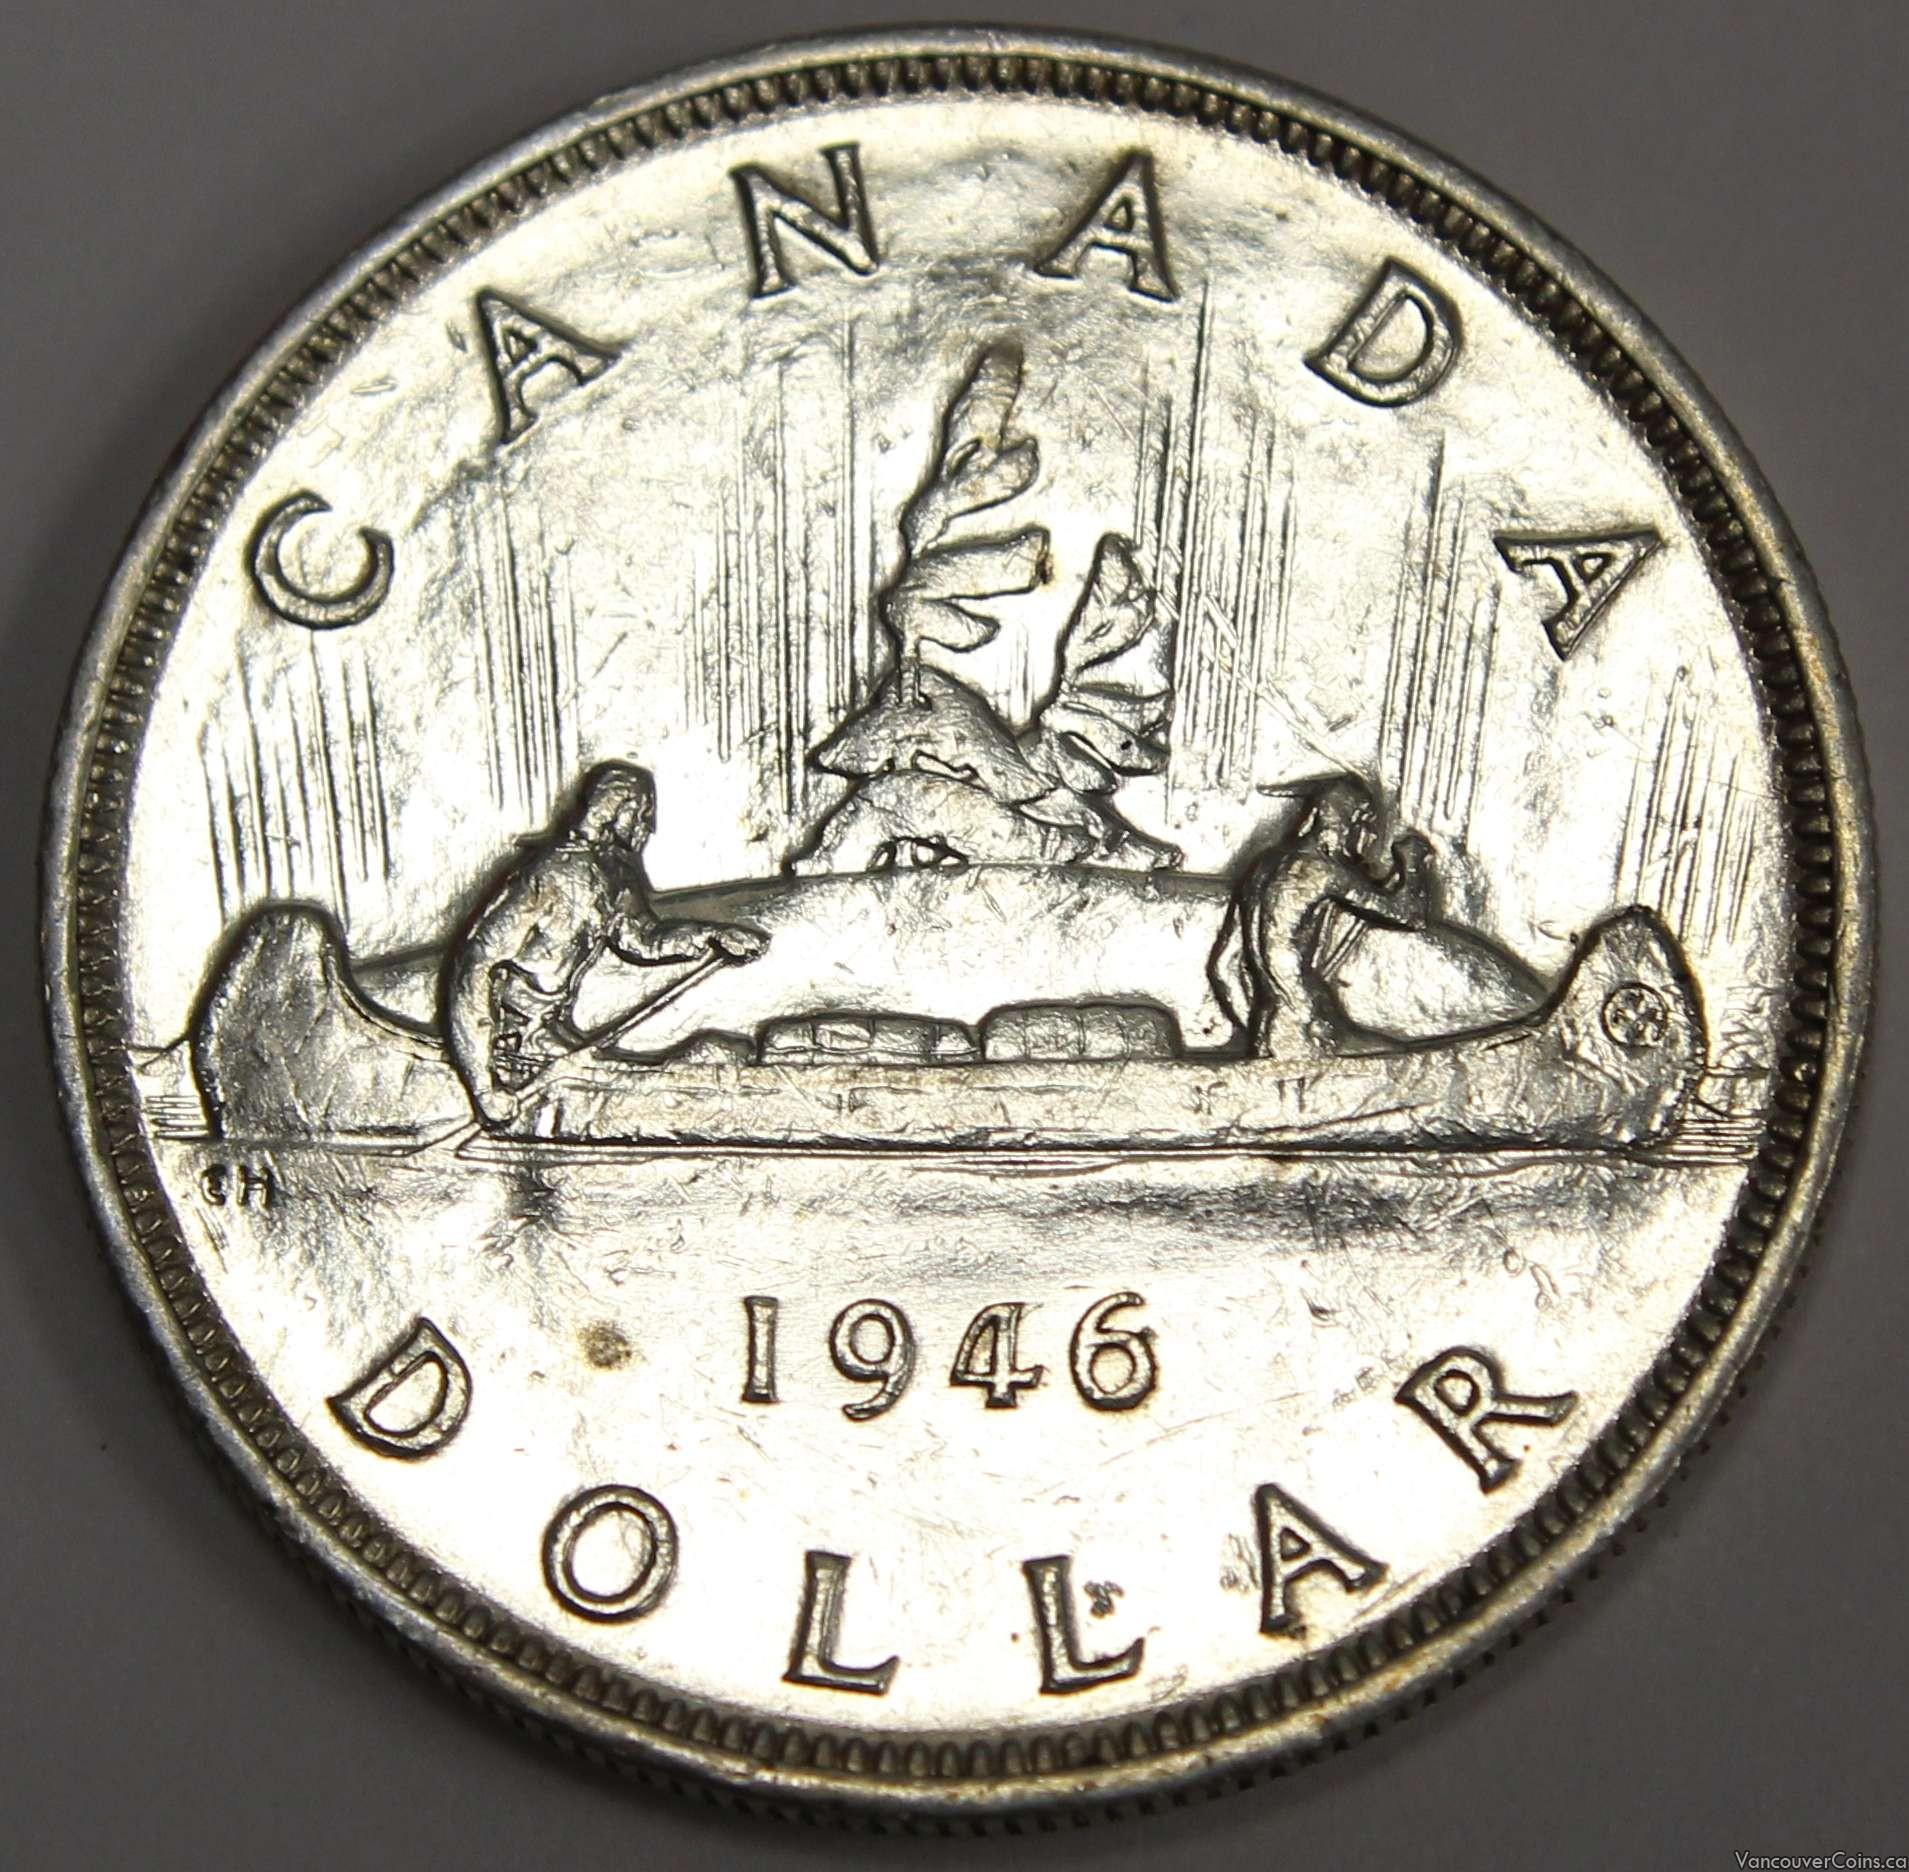 1946 Canada silver dollar EF45